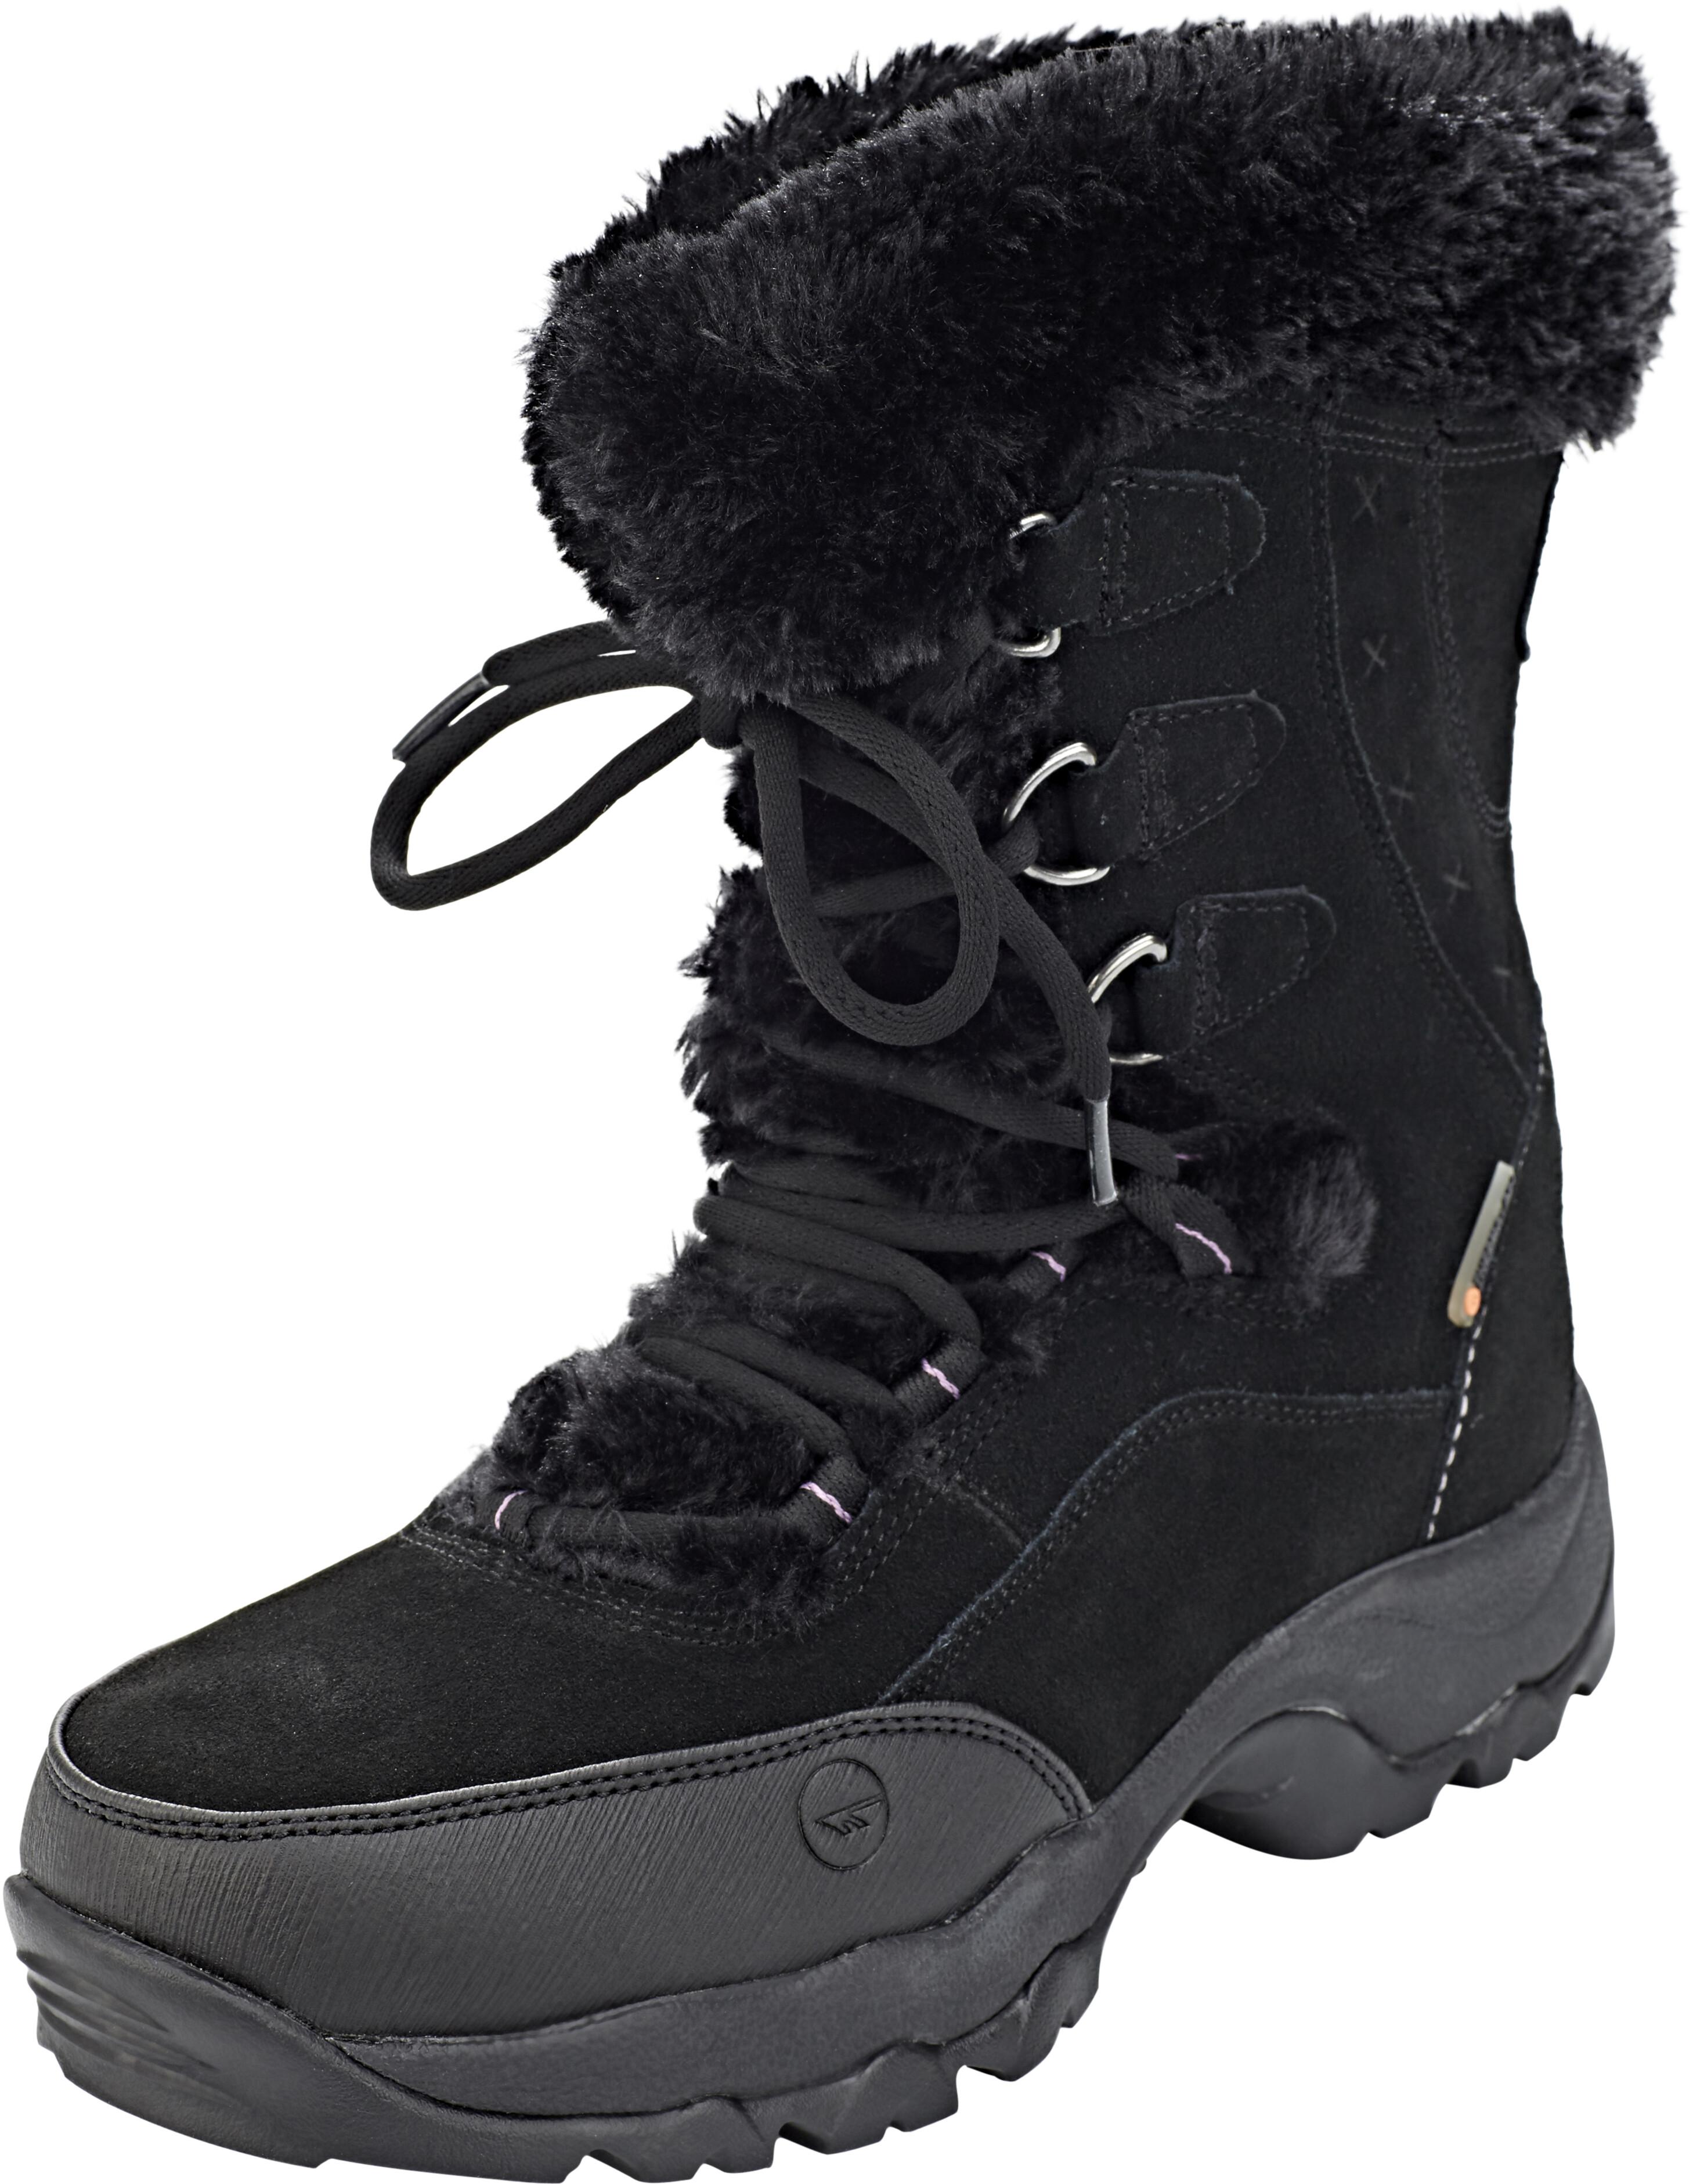 45753ec18f1 Hi-Tec St. Moritz 200 WP II Boots Women black/clover